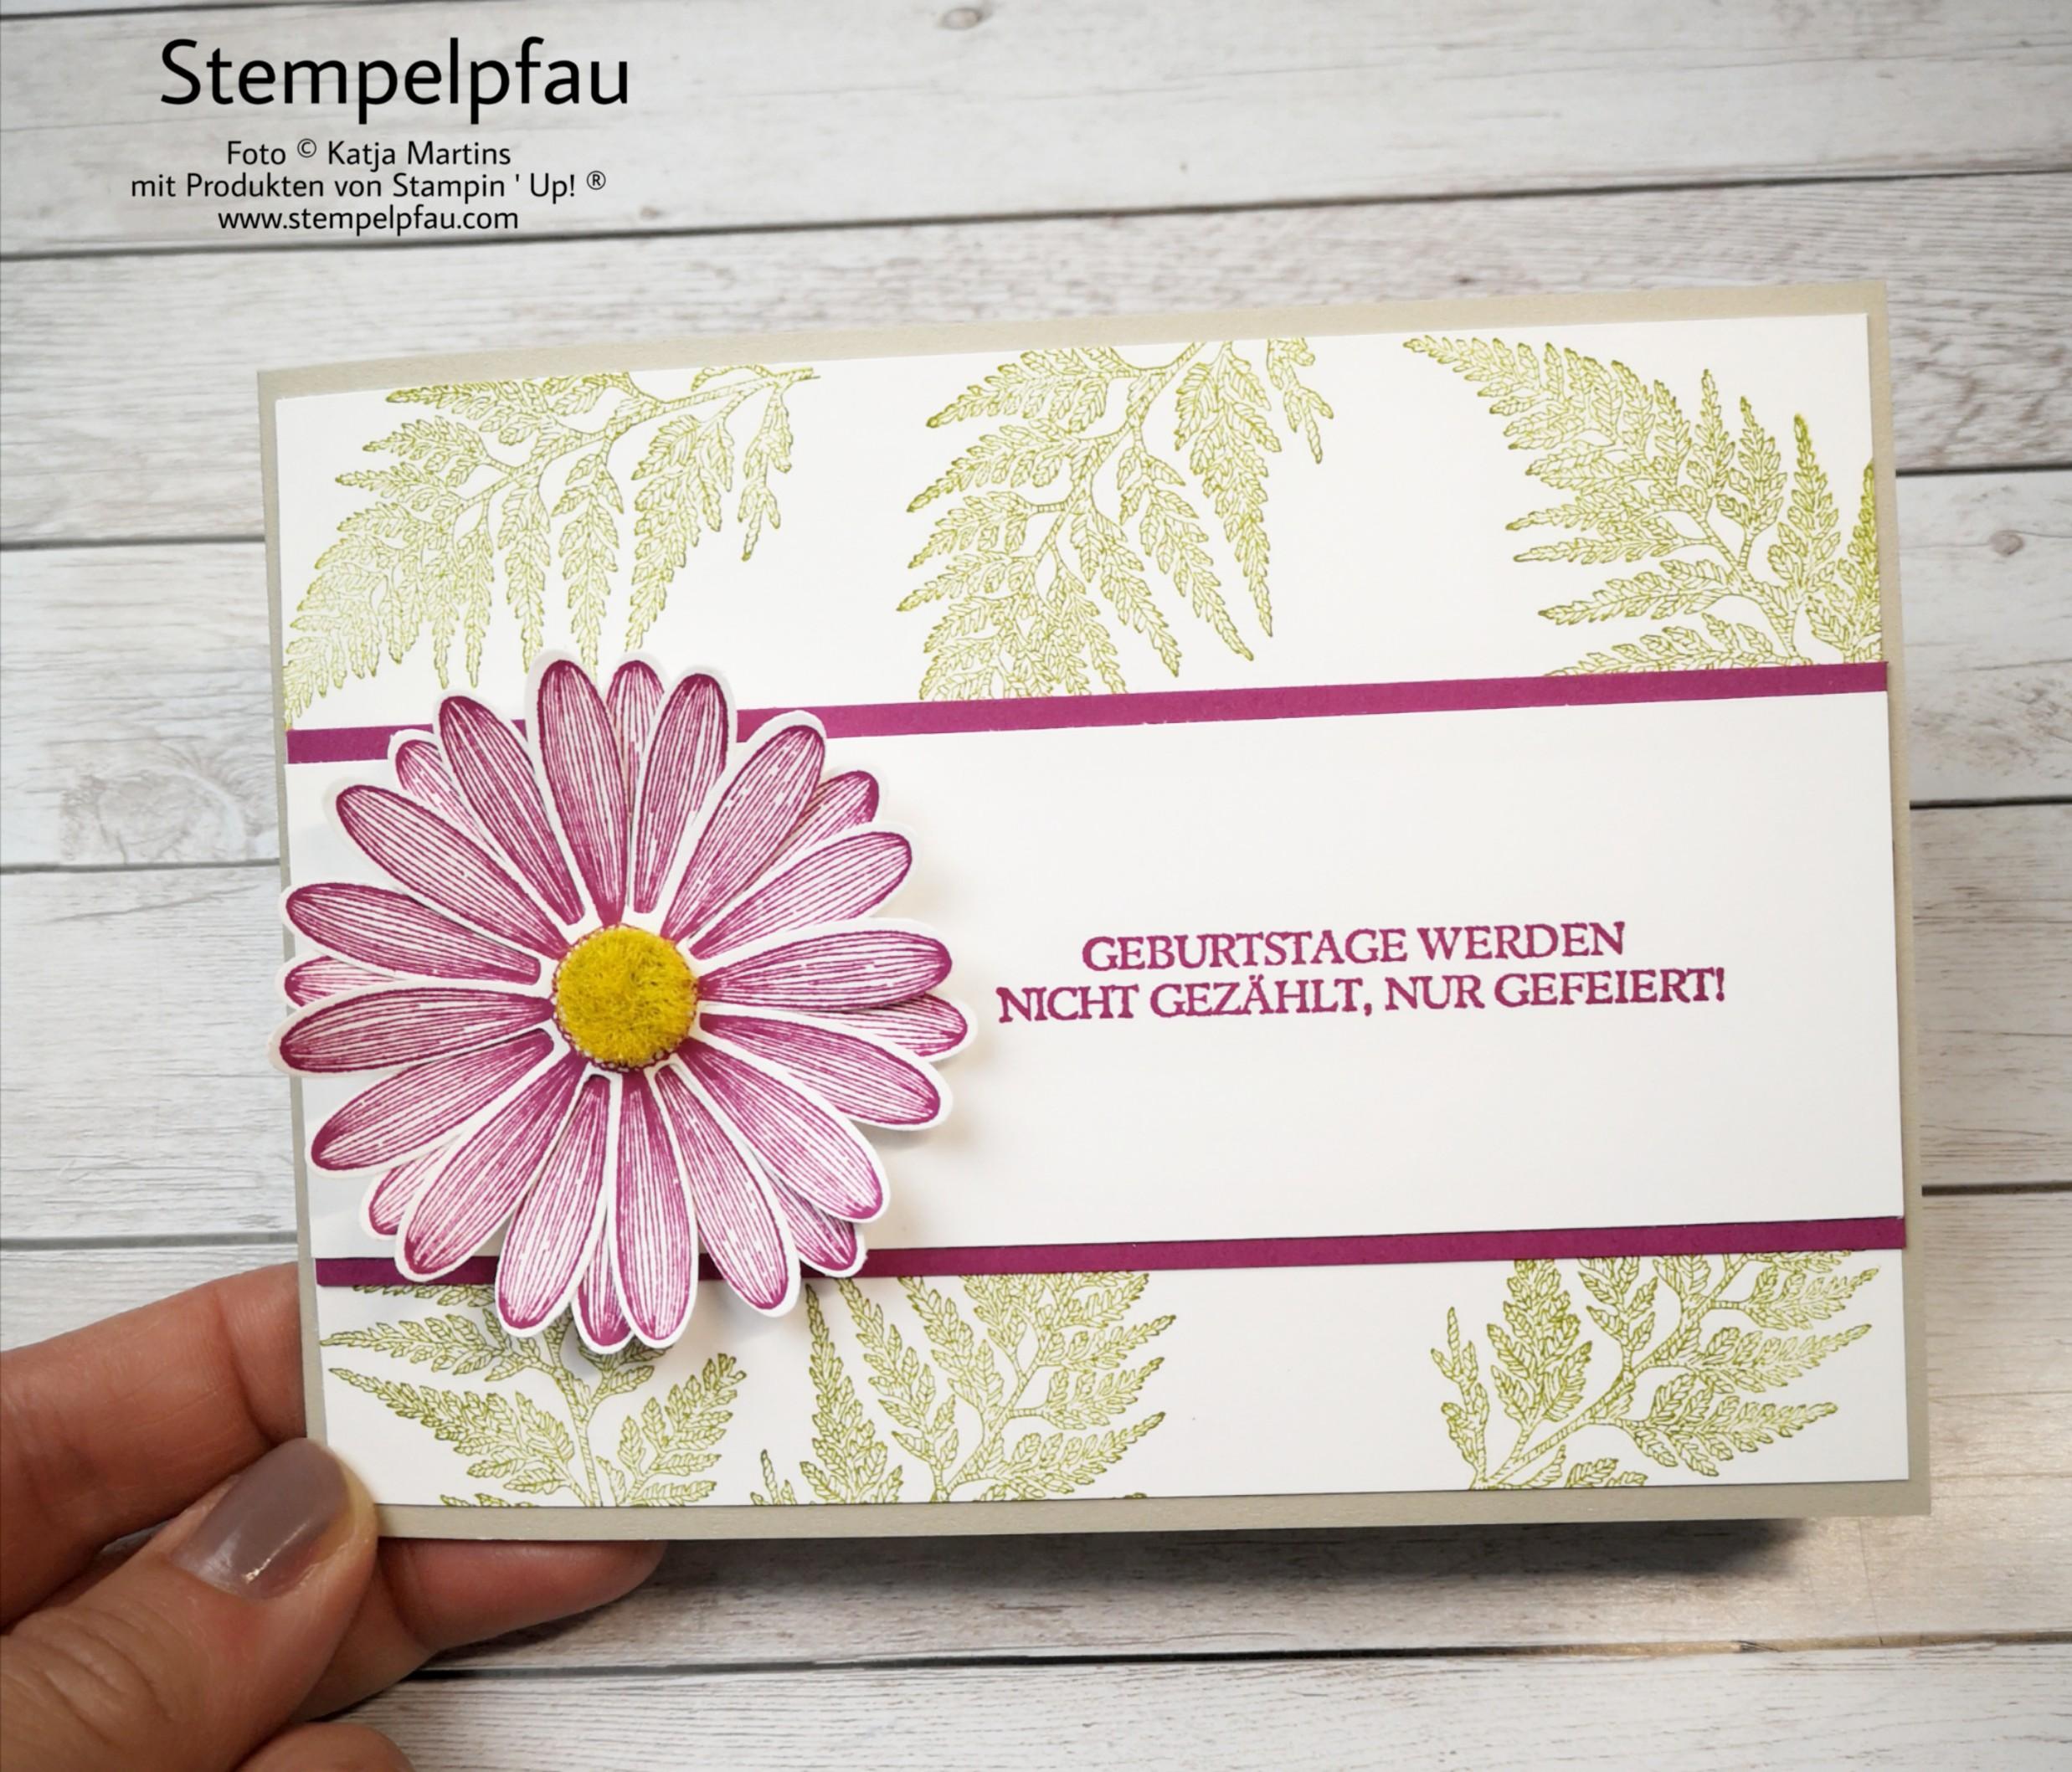 Geburtstagskarte mit dem Gänseblümchenglück Stempelpfau ist kreativ unterwegs